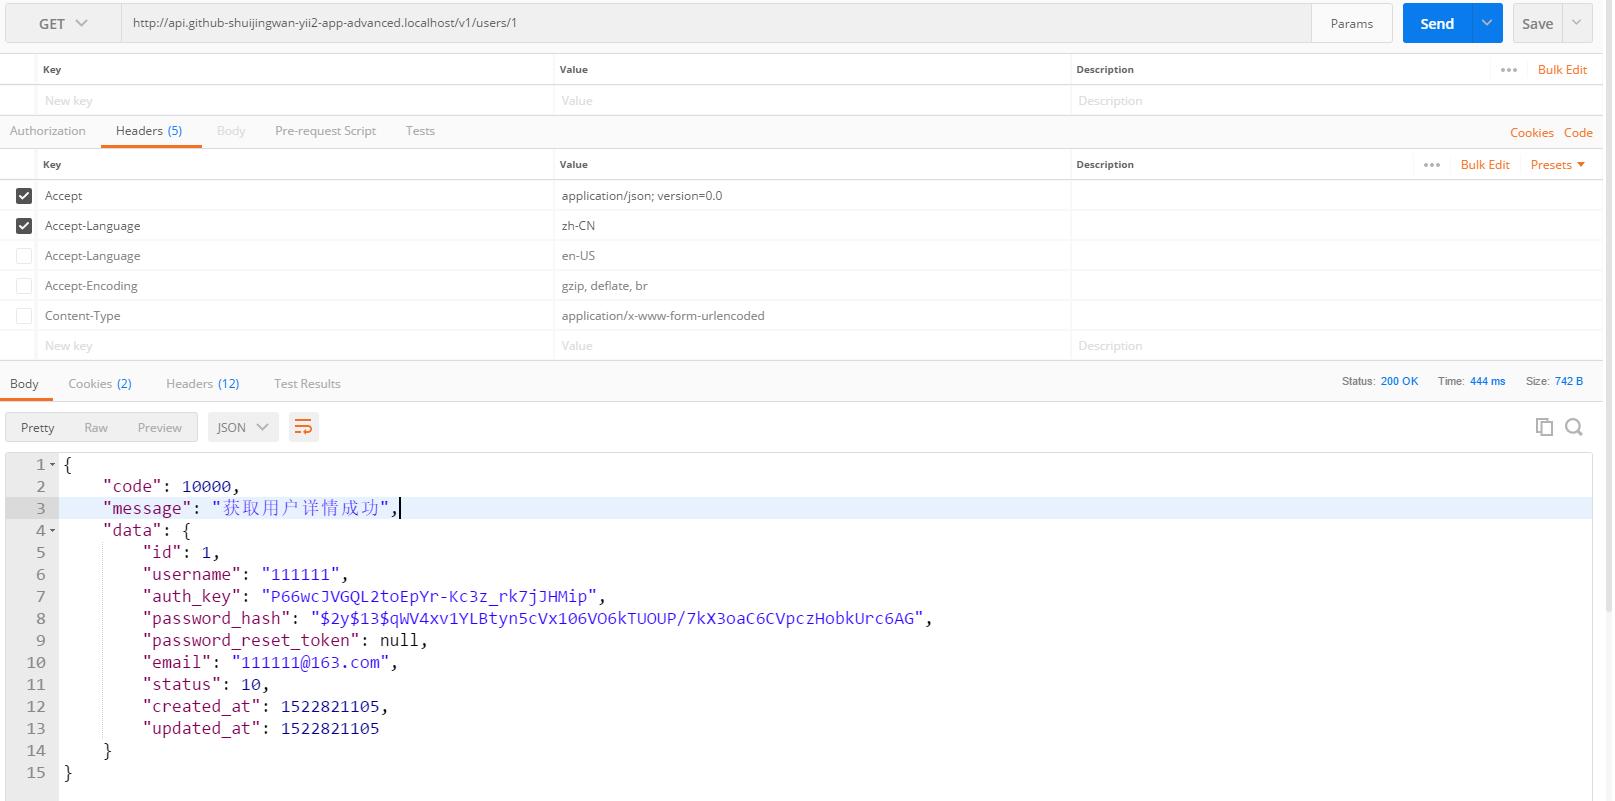 在 Postman 中,GET http://api.github-shuijingwan-yii2-app-advanced.localhost/v1/users/1 ,200响应,其状态为活跃